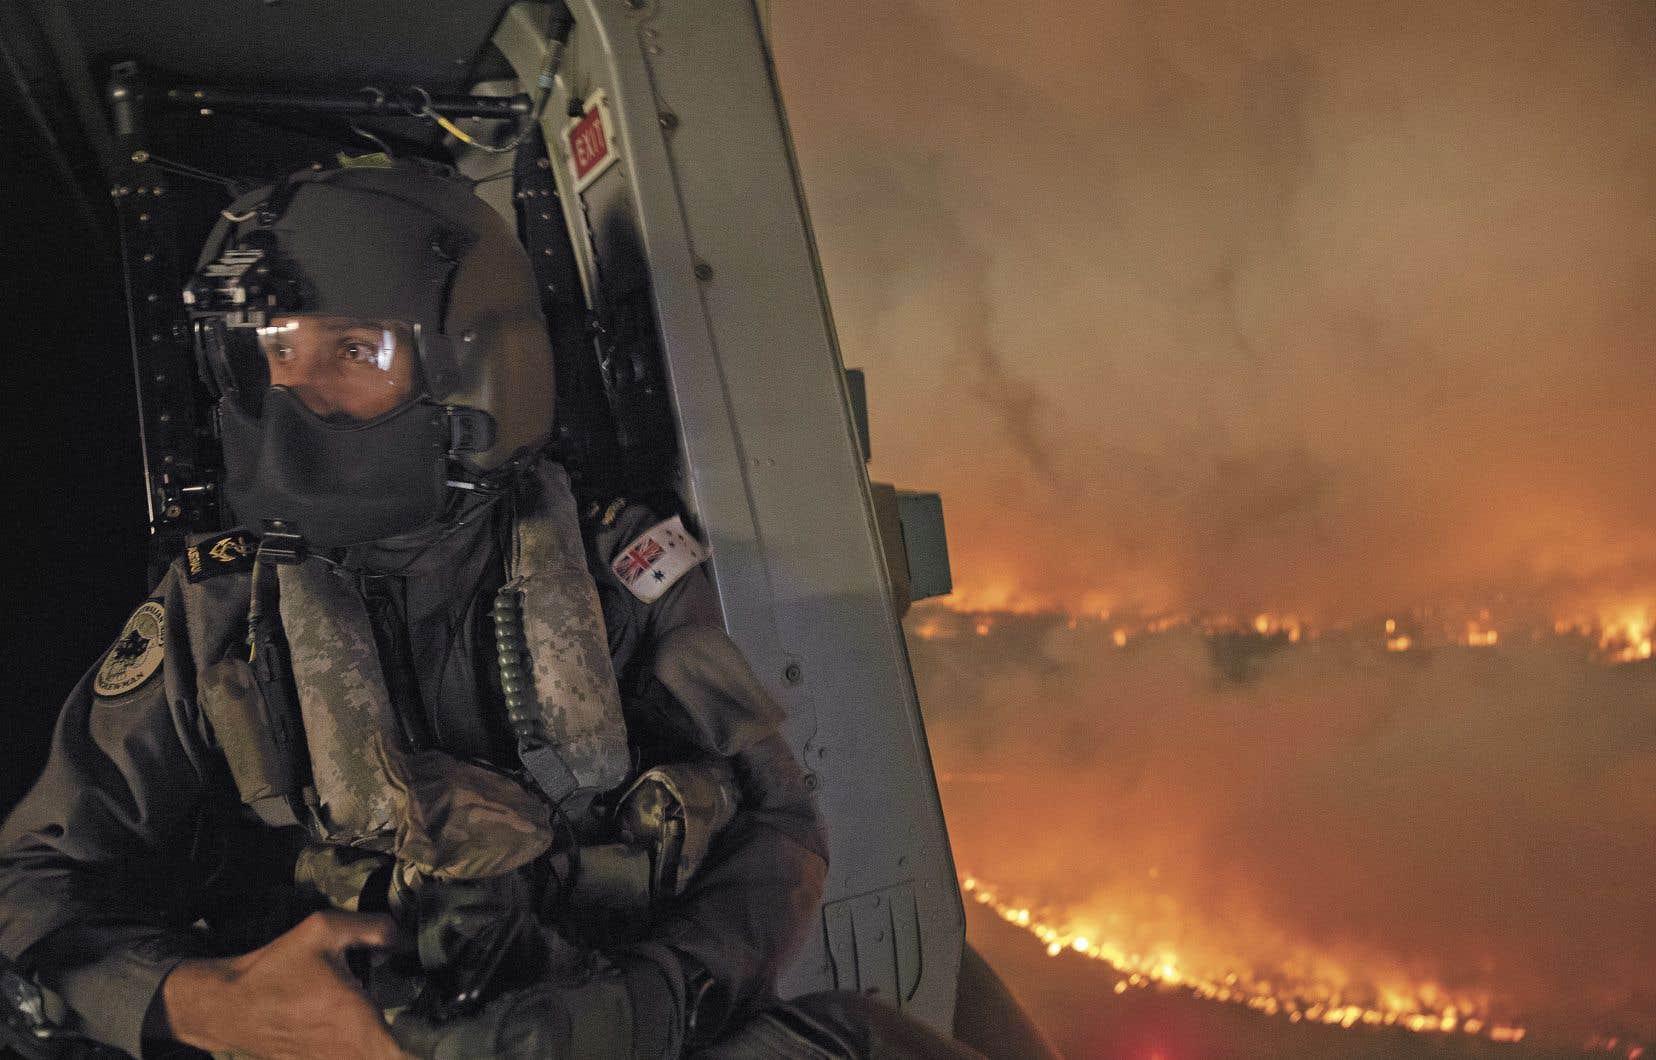 Les incendies australiens ont jusqu'ici détruit au moins 30000km² de terres, tué au moins 10 personnes et détruit plus de 800 maisons.